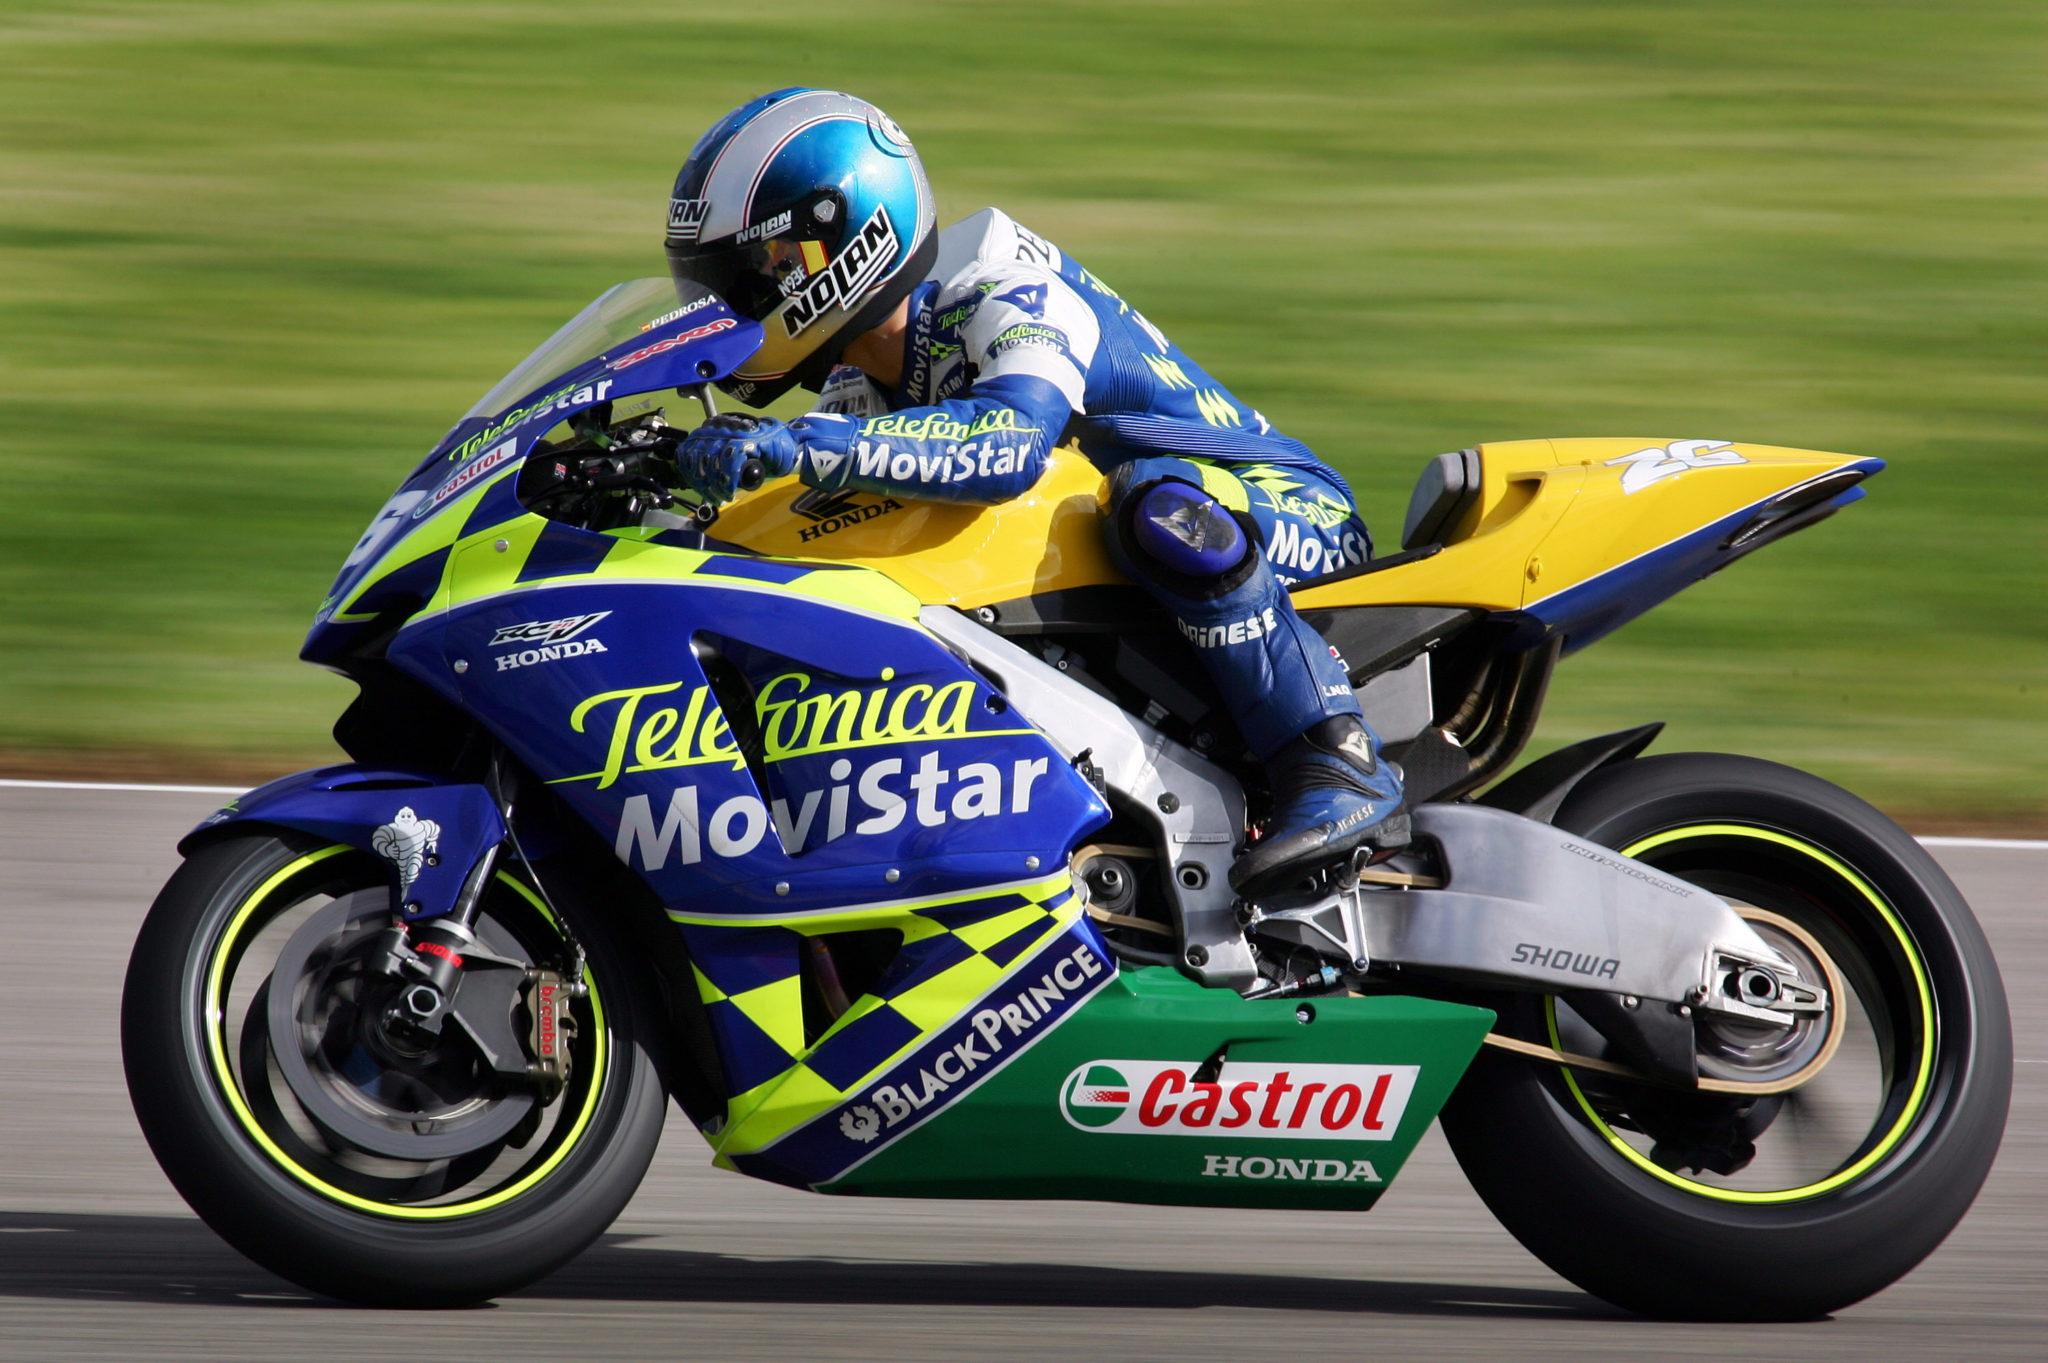 V02. VALENCIA, 01/11/04.- El campeón del mundo en la categoría de 125cc en el año 2003 y de 250cc en el 2004, el español Dani Pedrosa, rueda con una Honda de Moto GP que probó hoy en el circuito Ricardo Tormo. EFE/KAI FÖRSTERLING